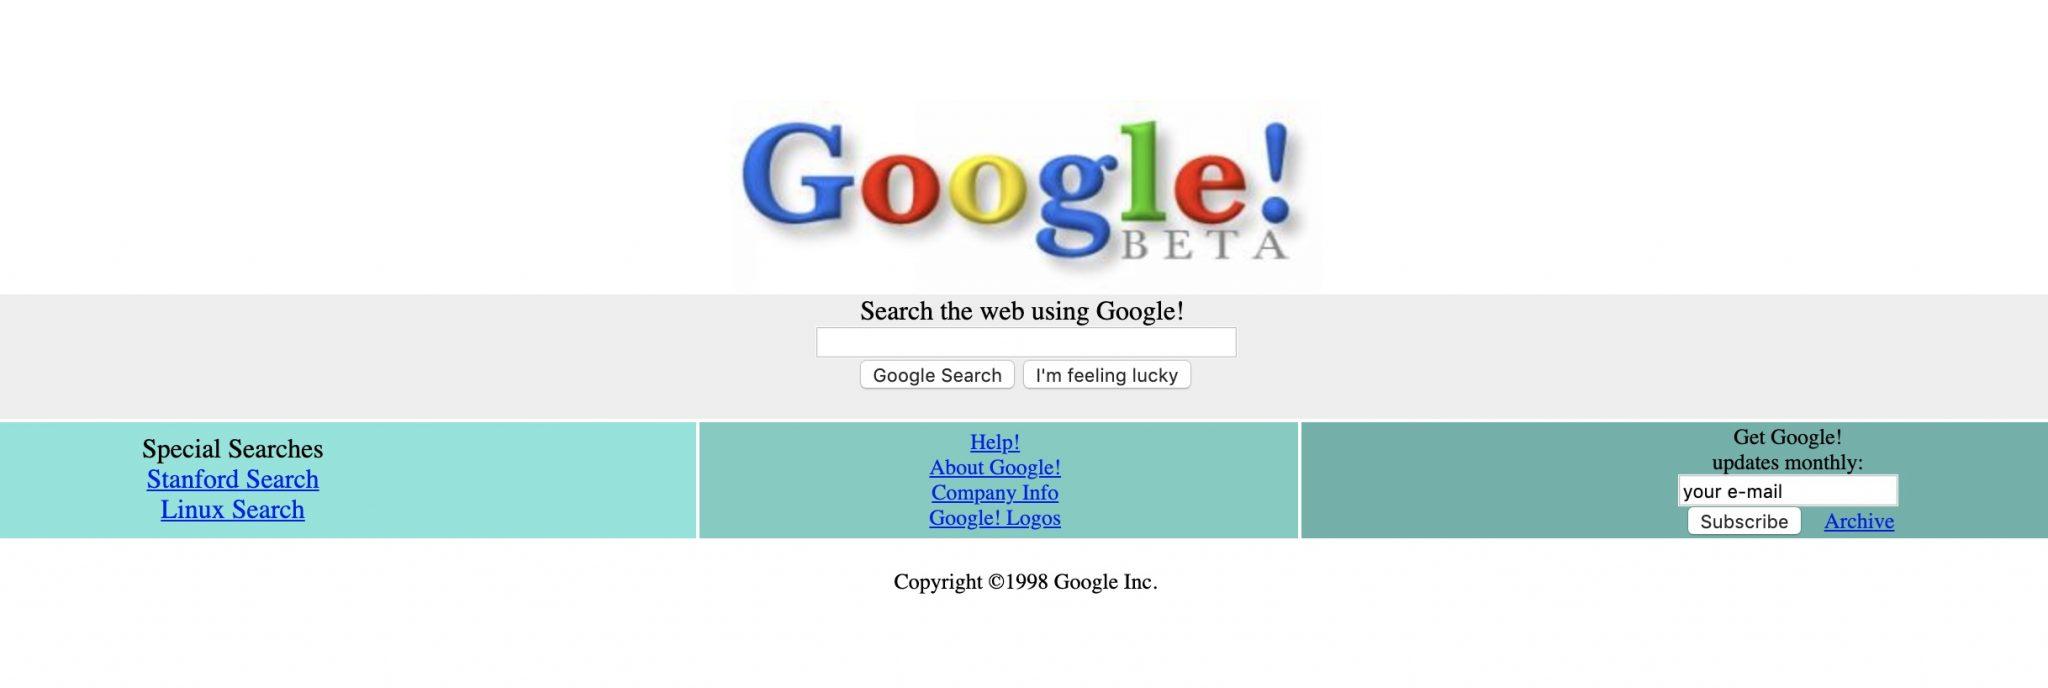 تصویر از اولین وب سایت گوگل در سال 1998